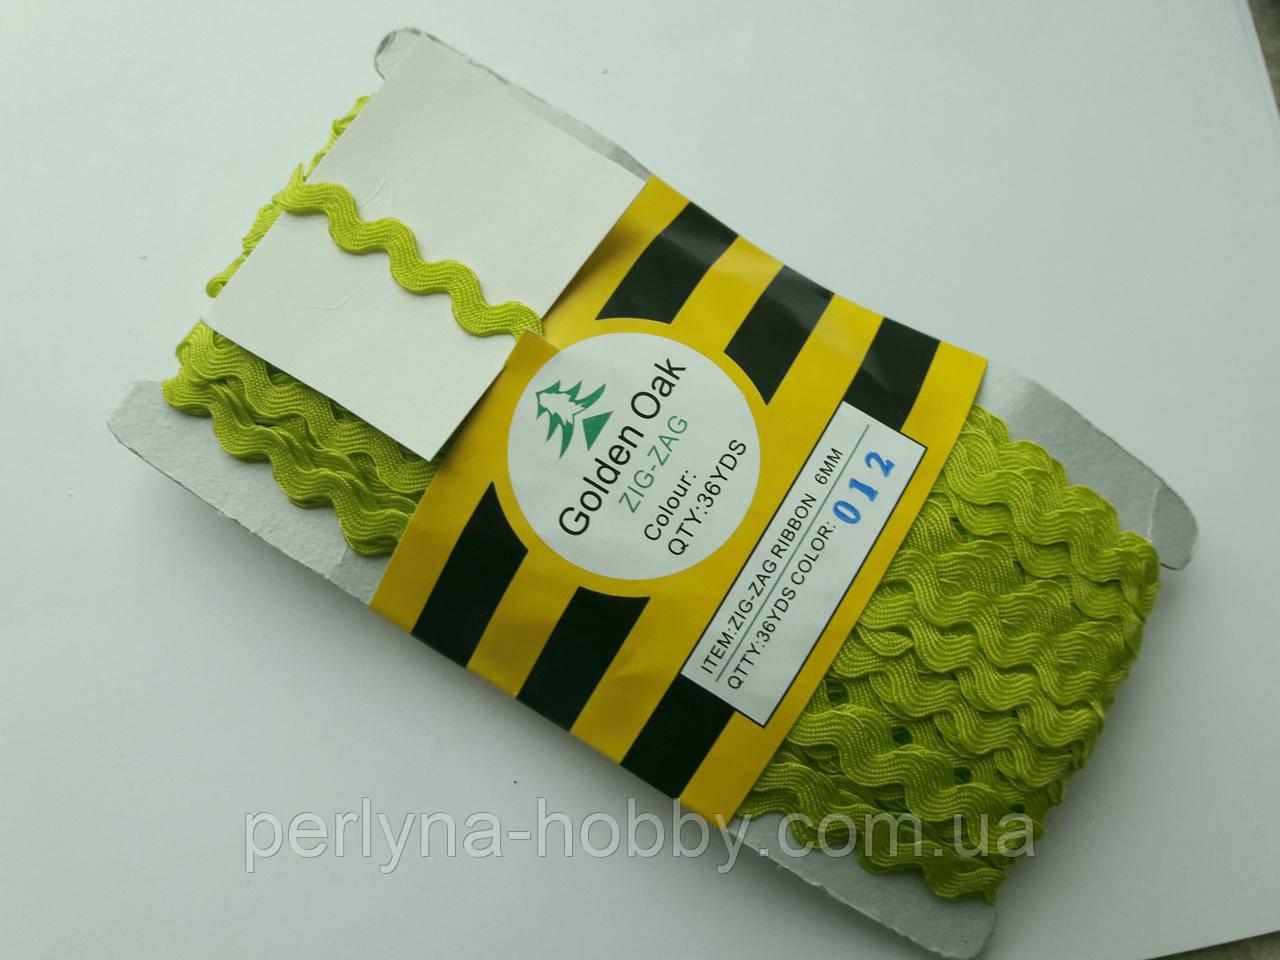 Тесьма зигзаг вьюнок ( зиг-заг )  5-6 мм, Тасьма зигзаг в'юнок, в'юнчик ( 30 метрів) жовто салатовий